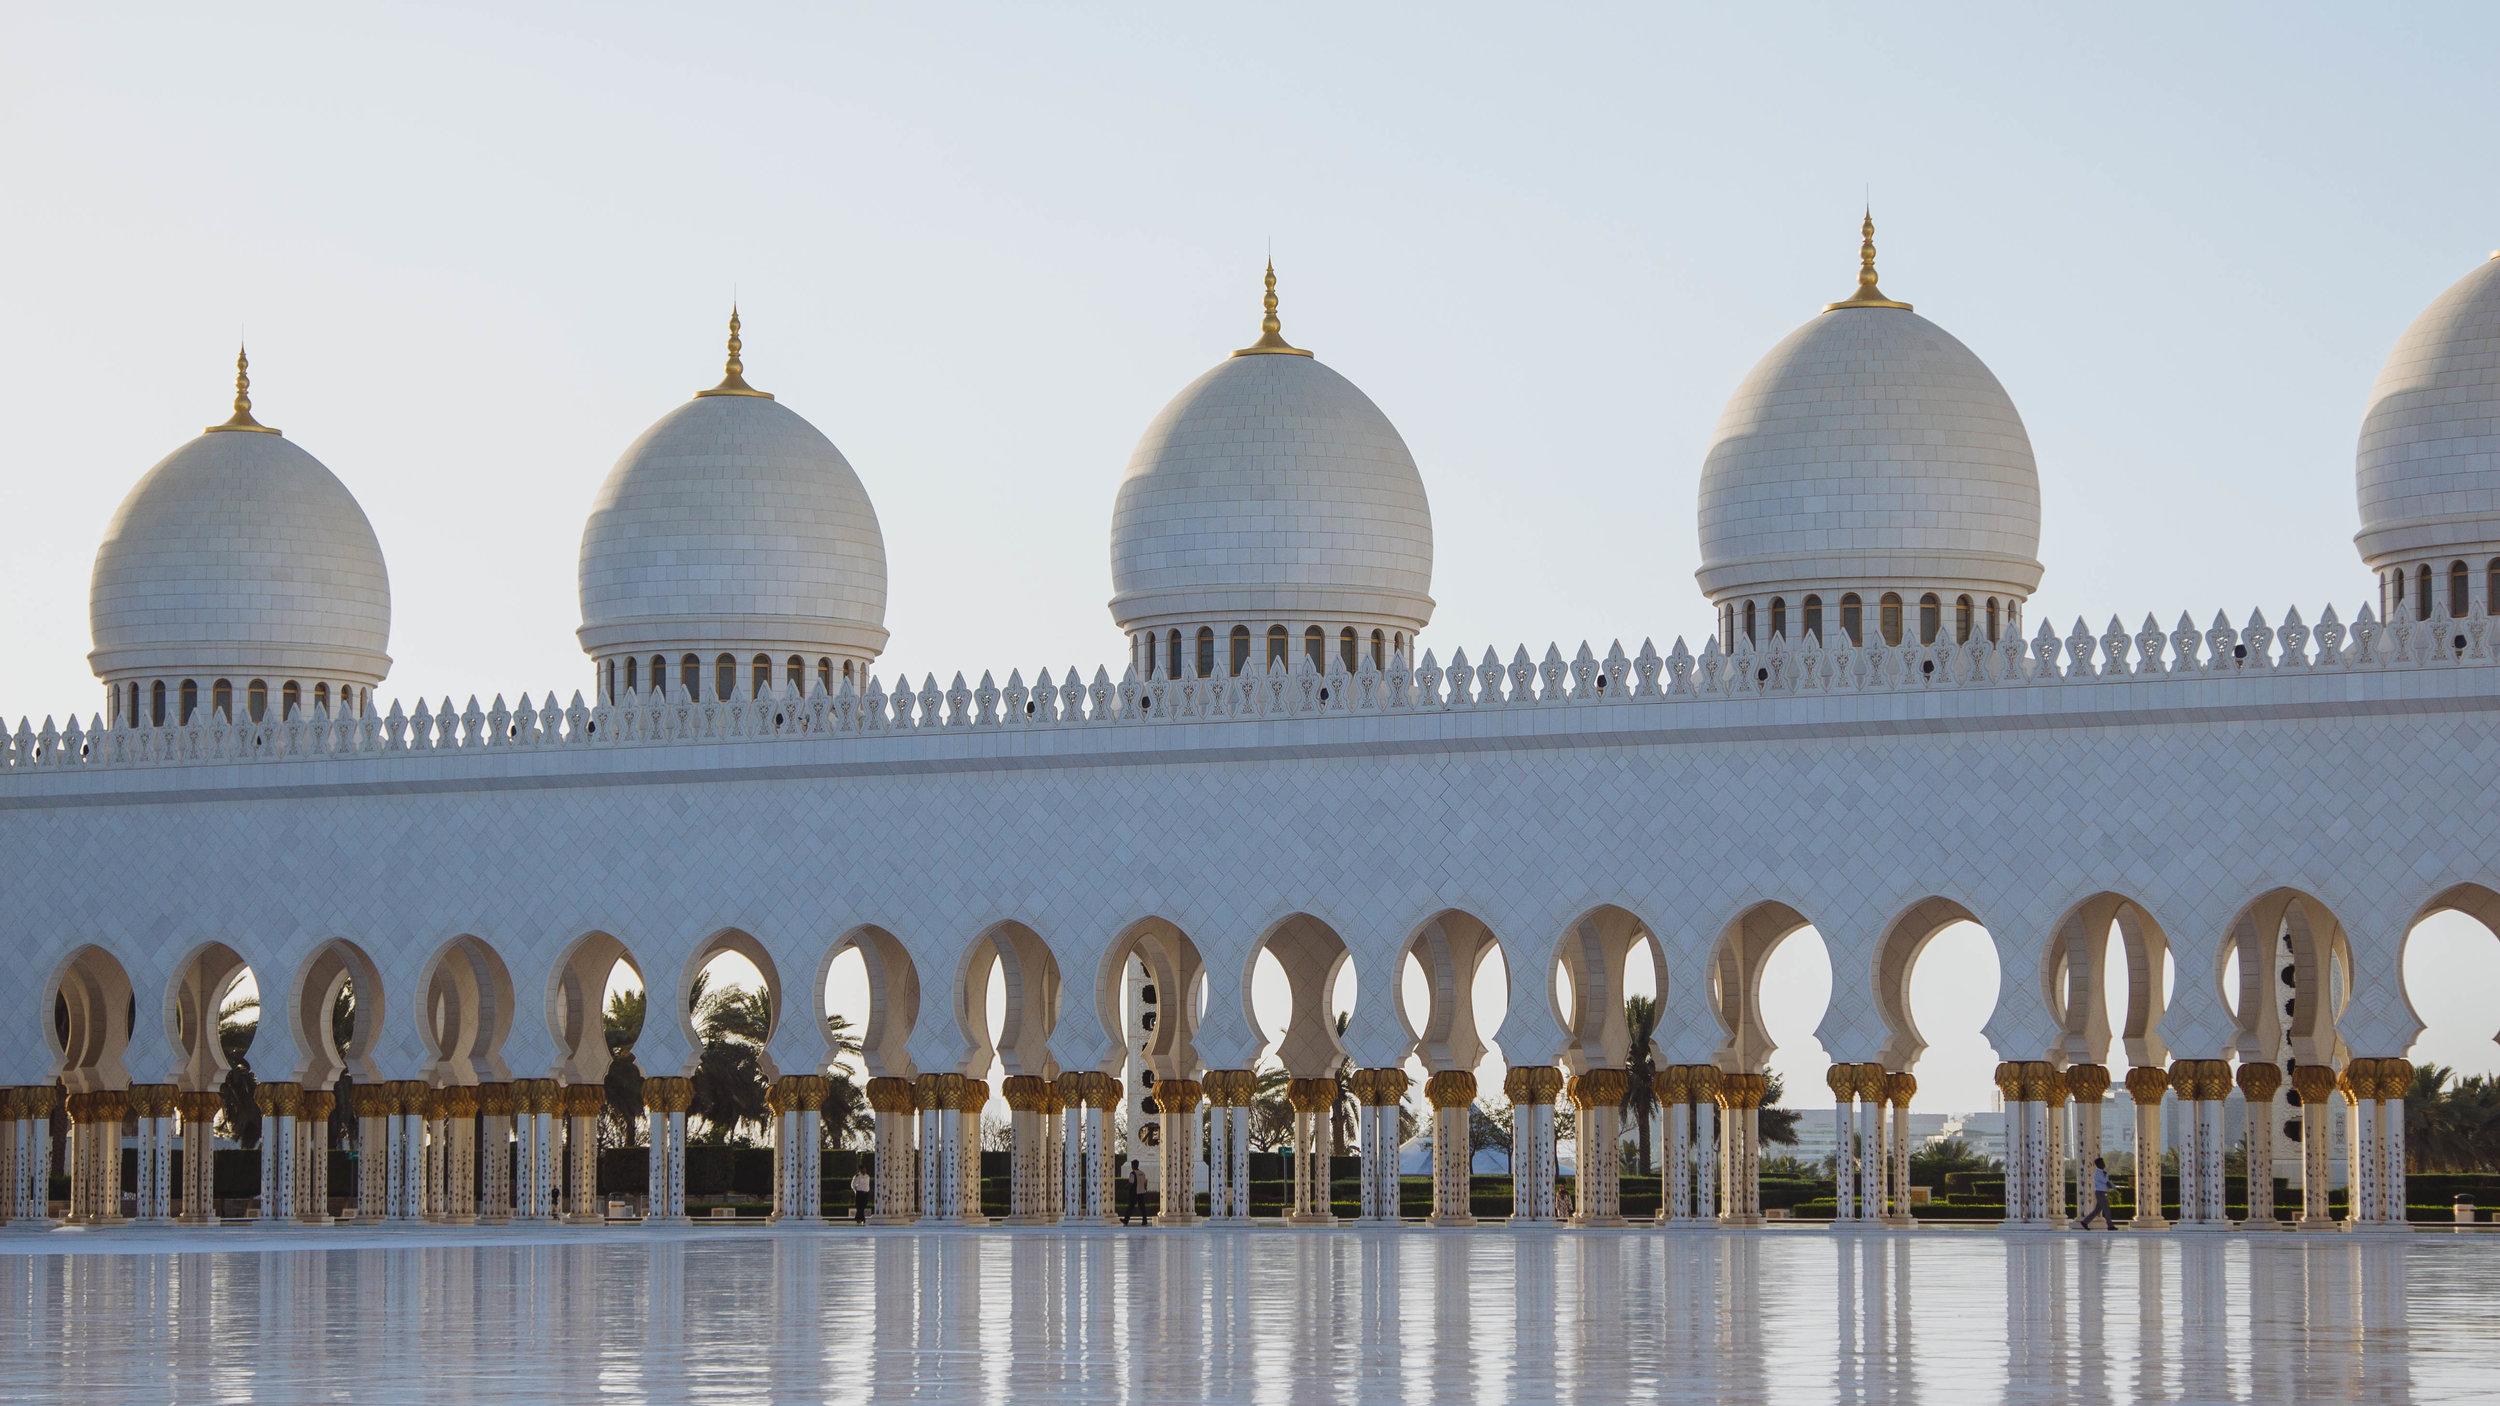 colonnade abu dhabi masjid mosque courtyard